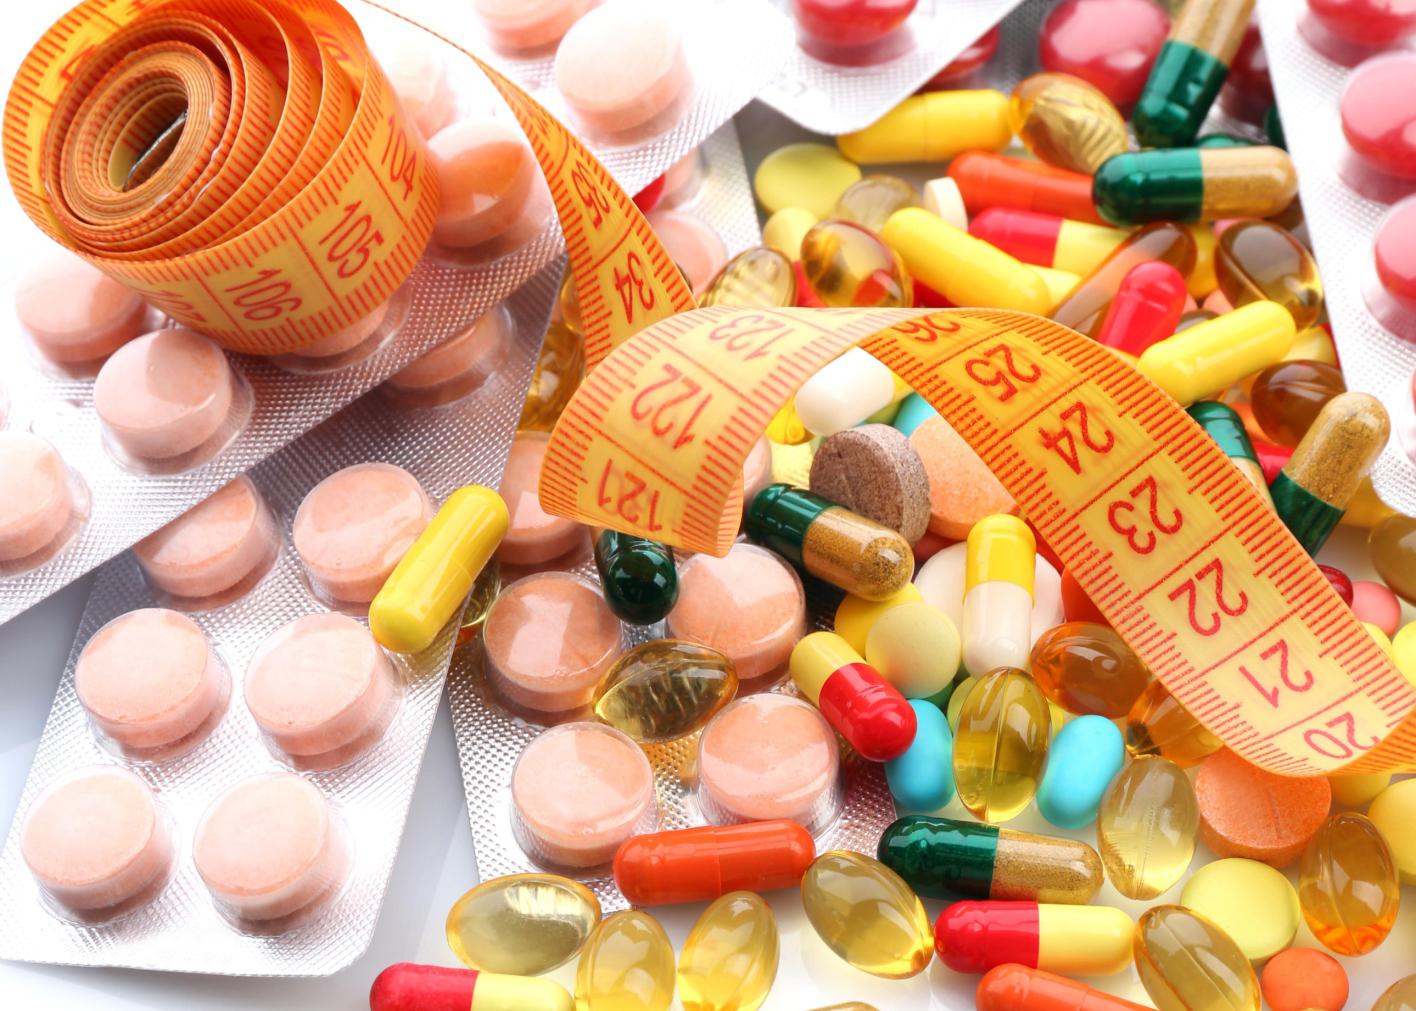 medicin mot övervikt